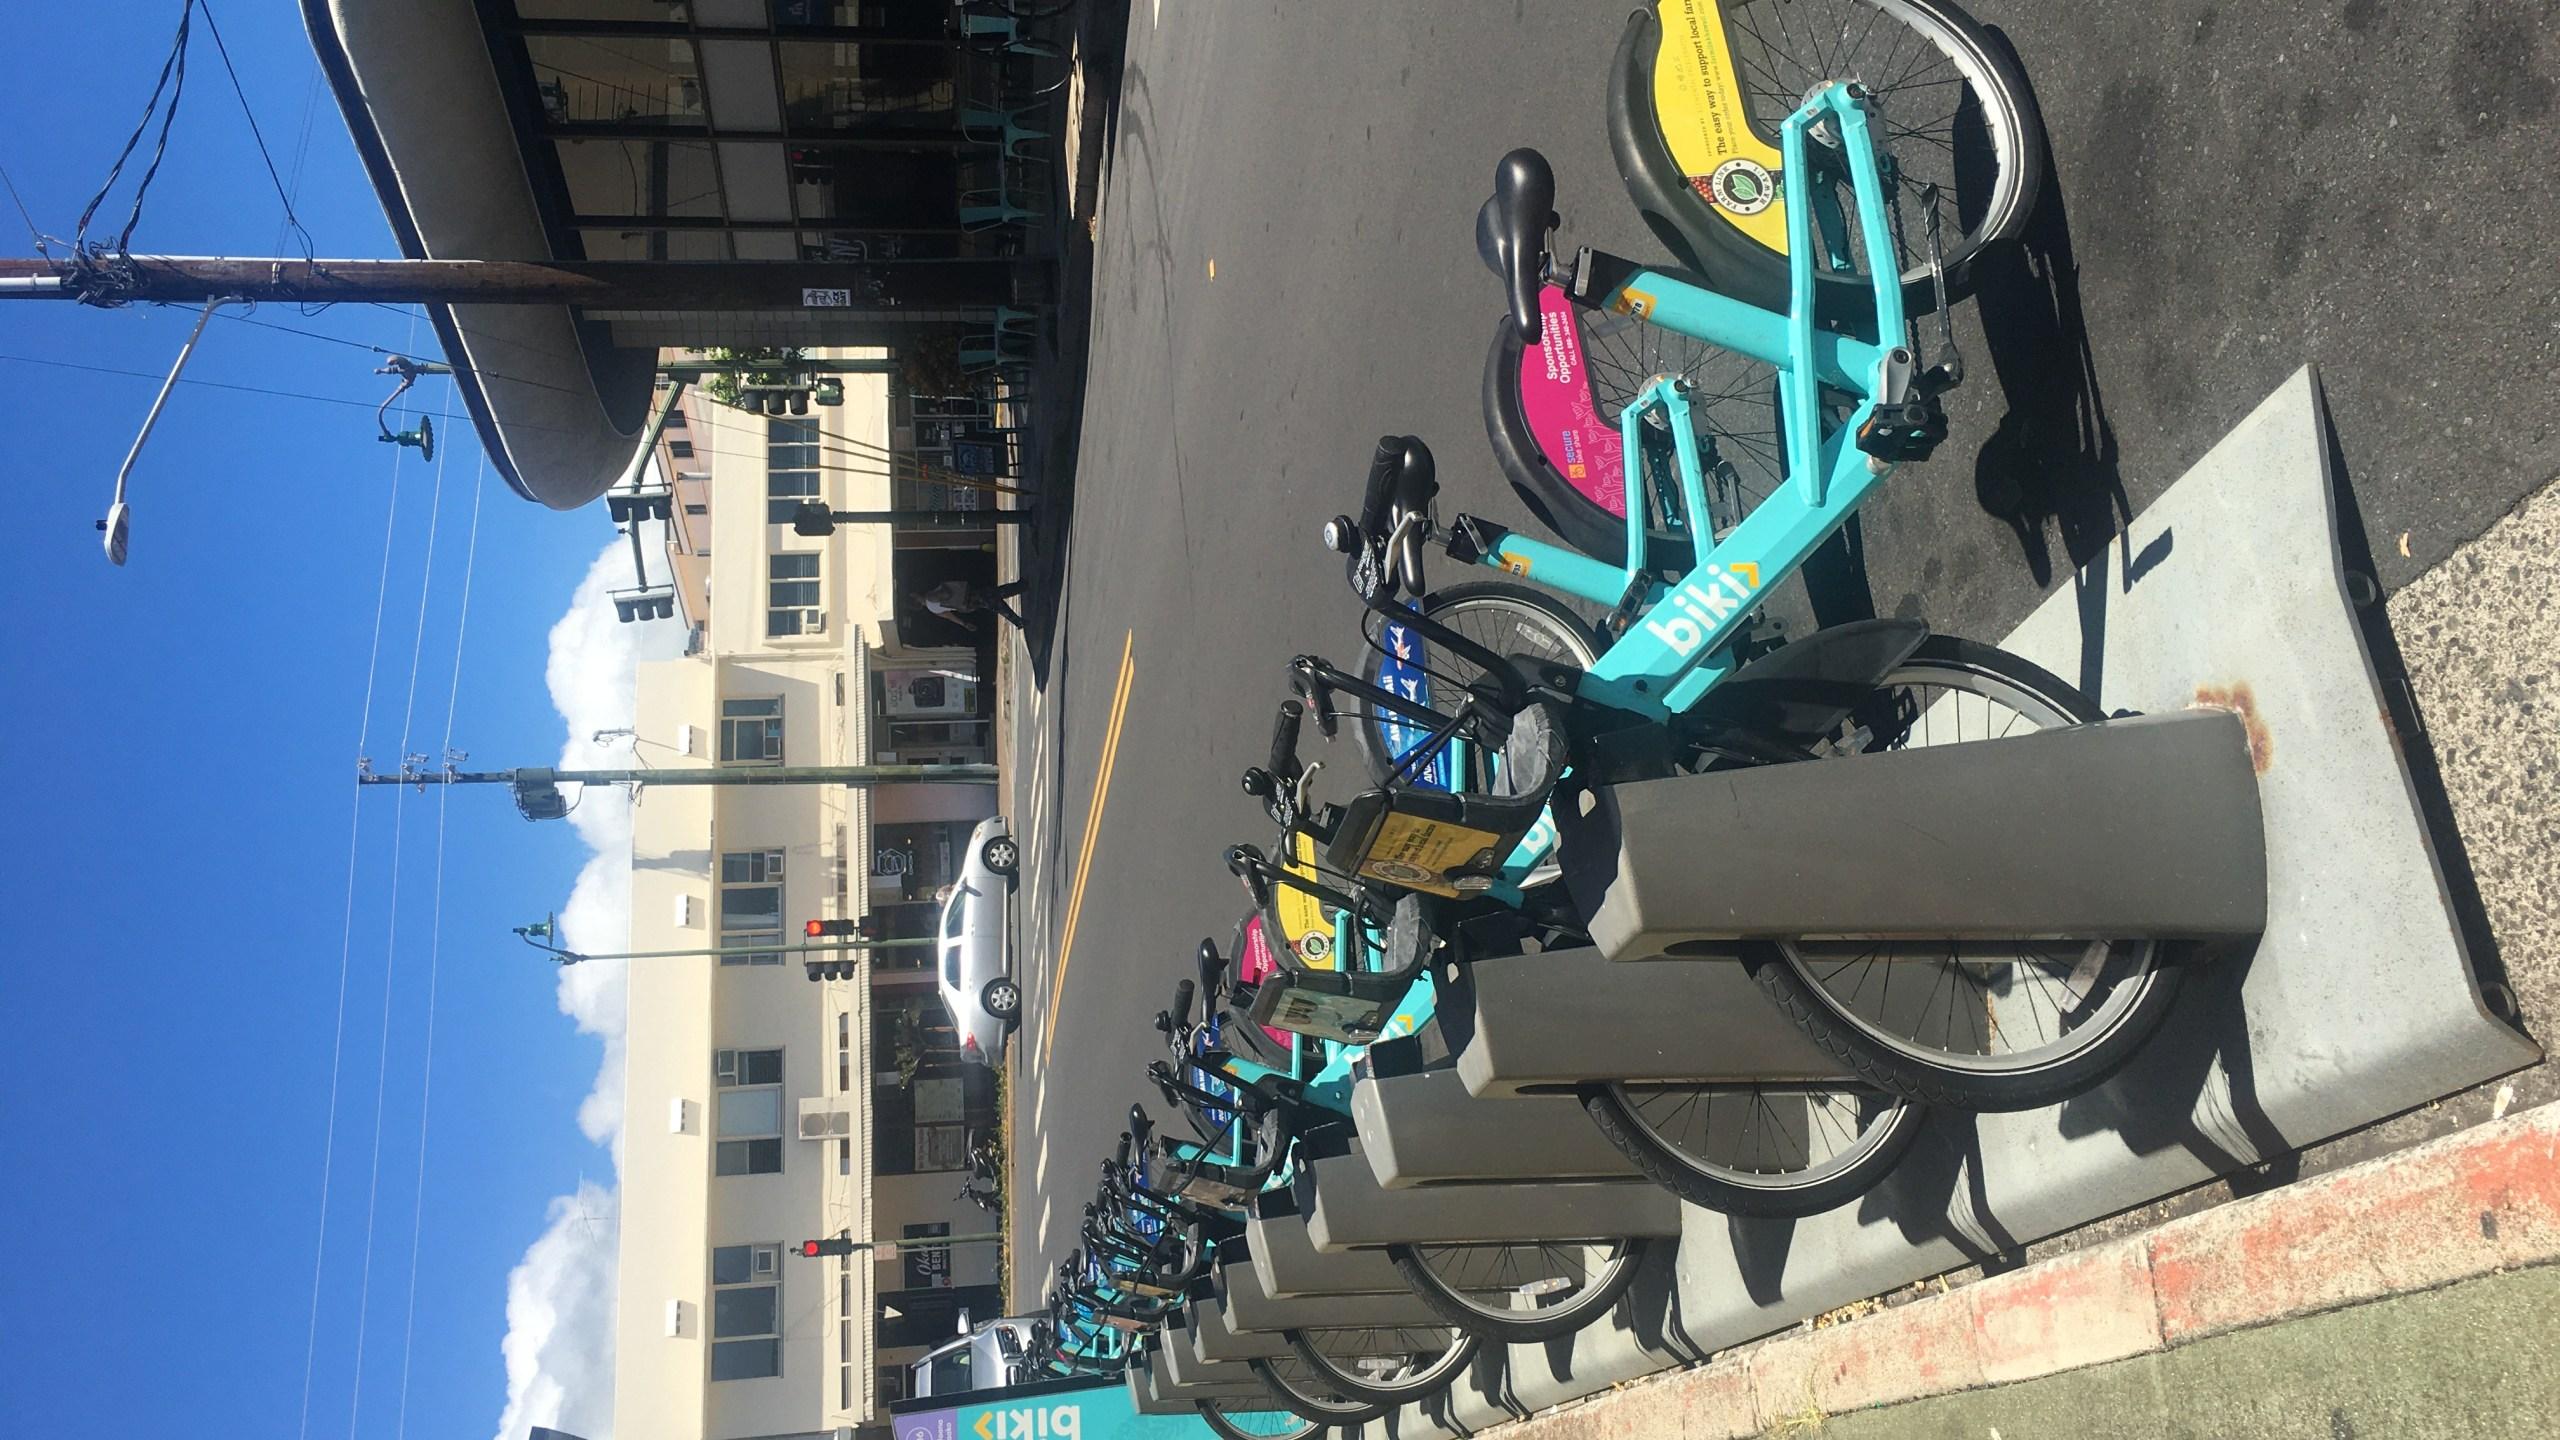 Courtesy: Bikeshare Hawaii